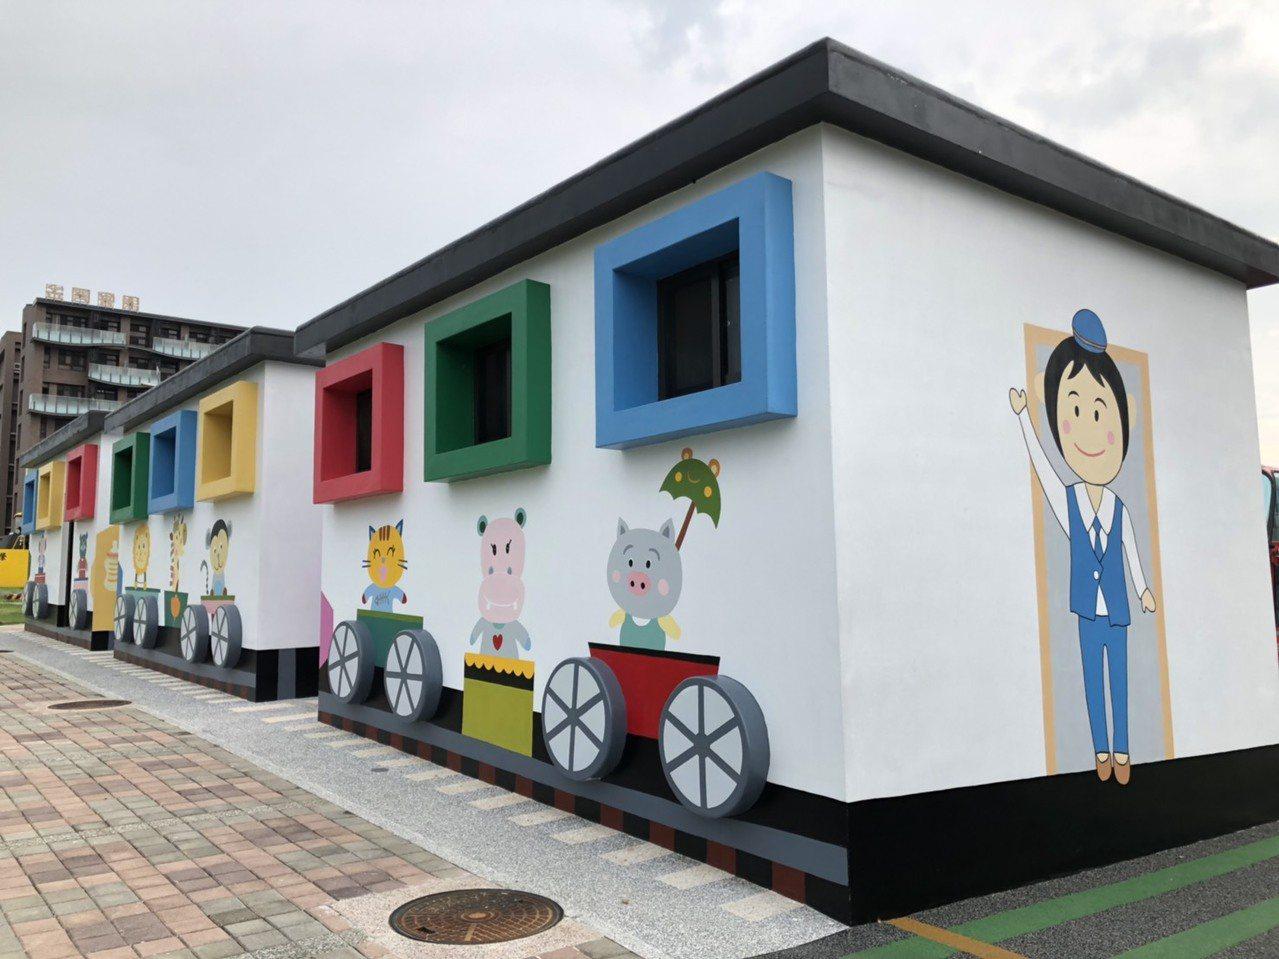 金門的公廁改善成效良好,縣環保局持續跟環保署爭取預算,希望多改造幾處公廁,讓民眾...